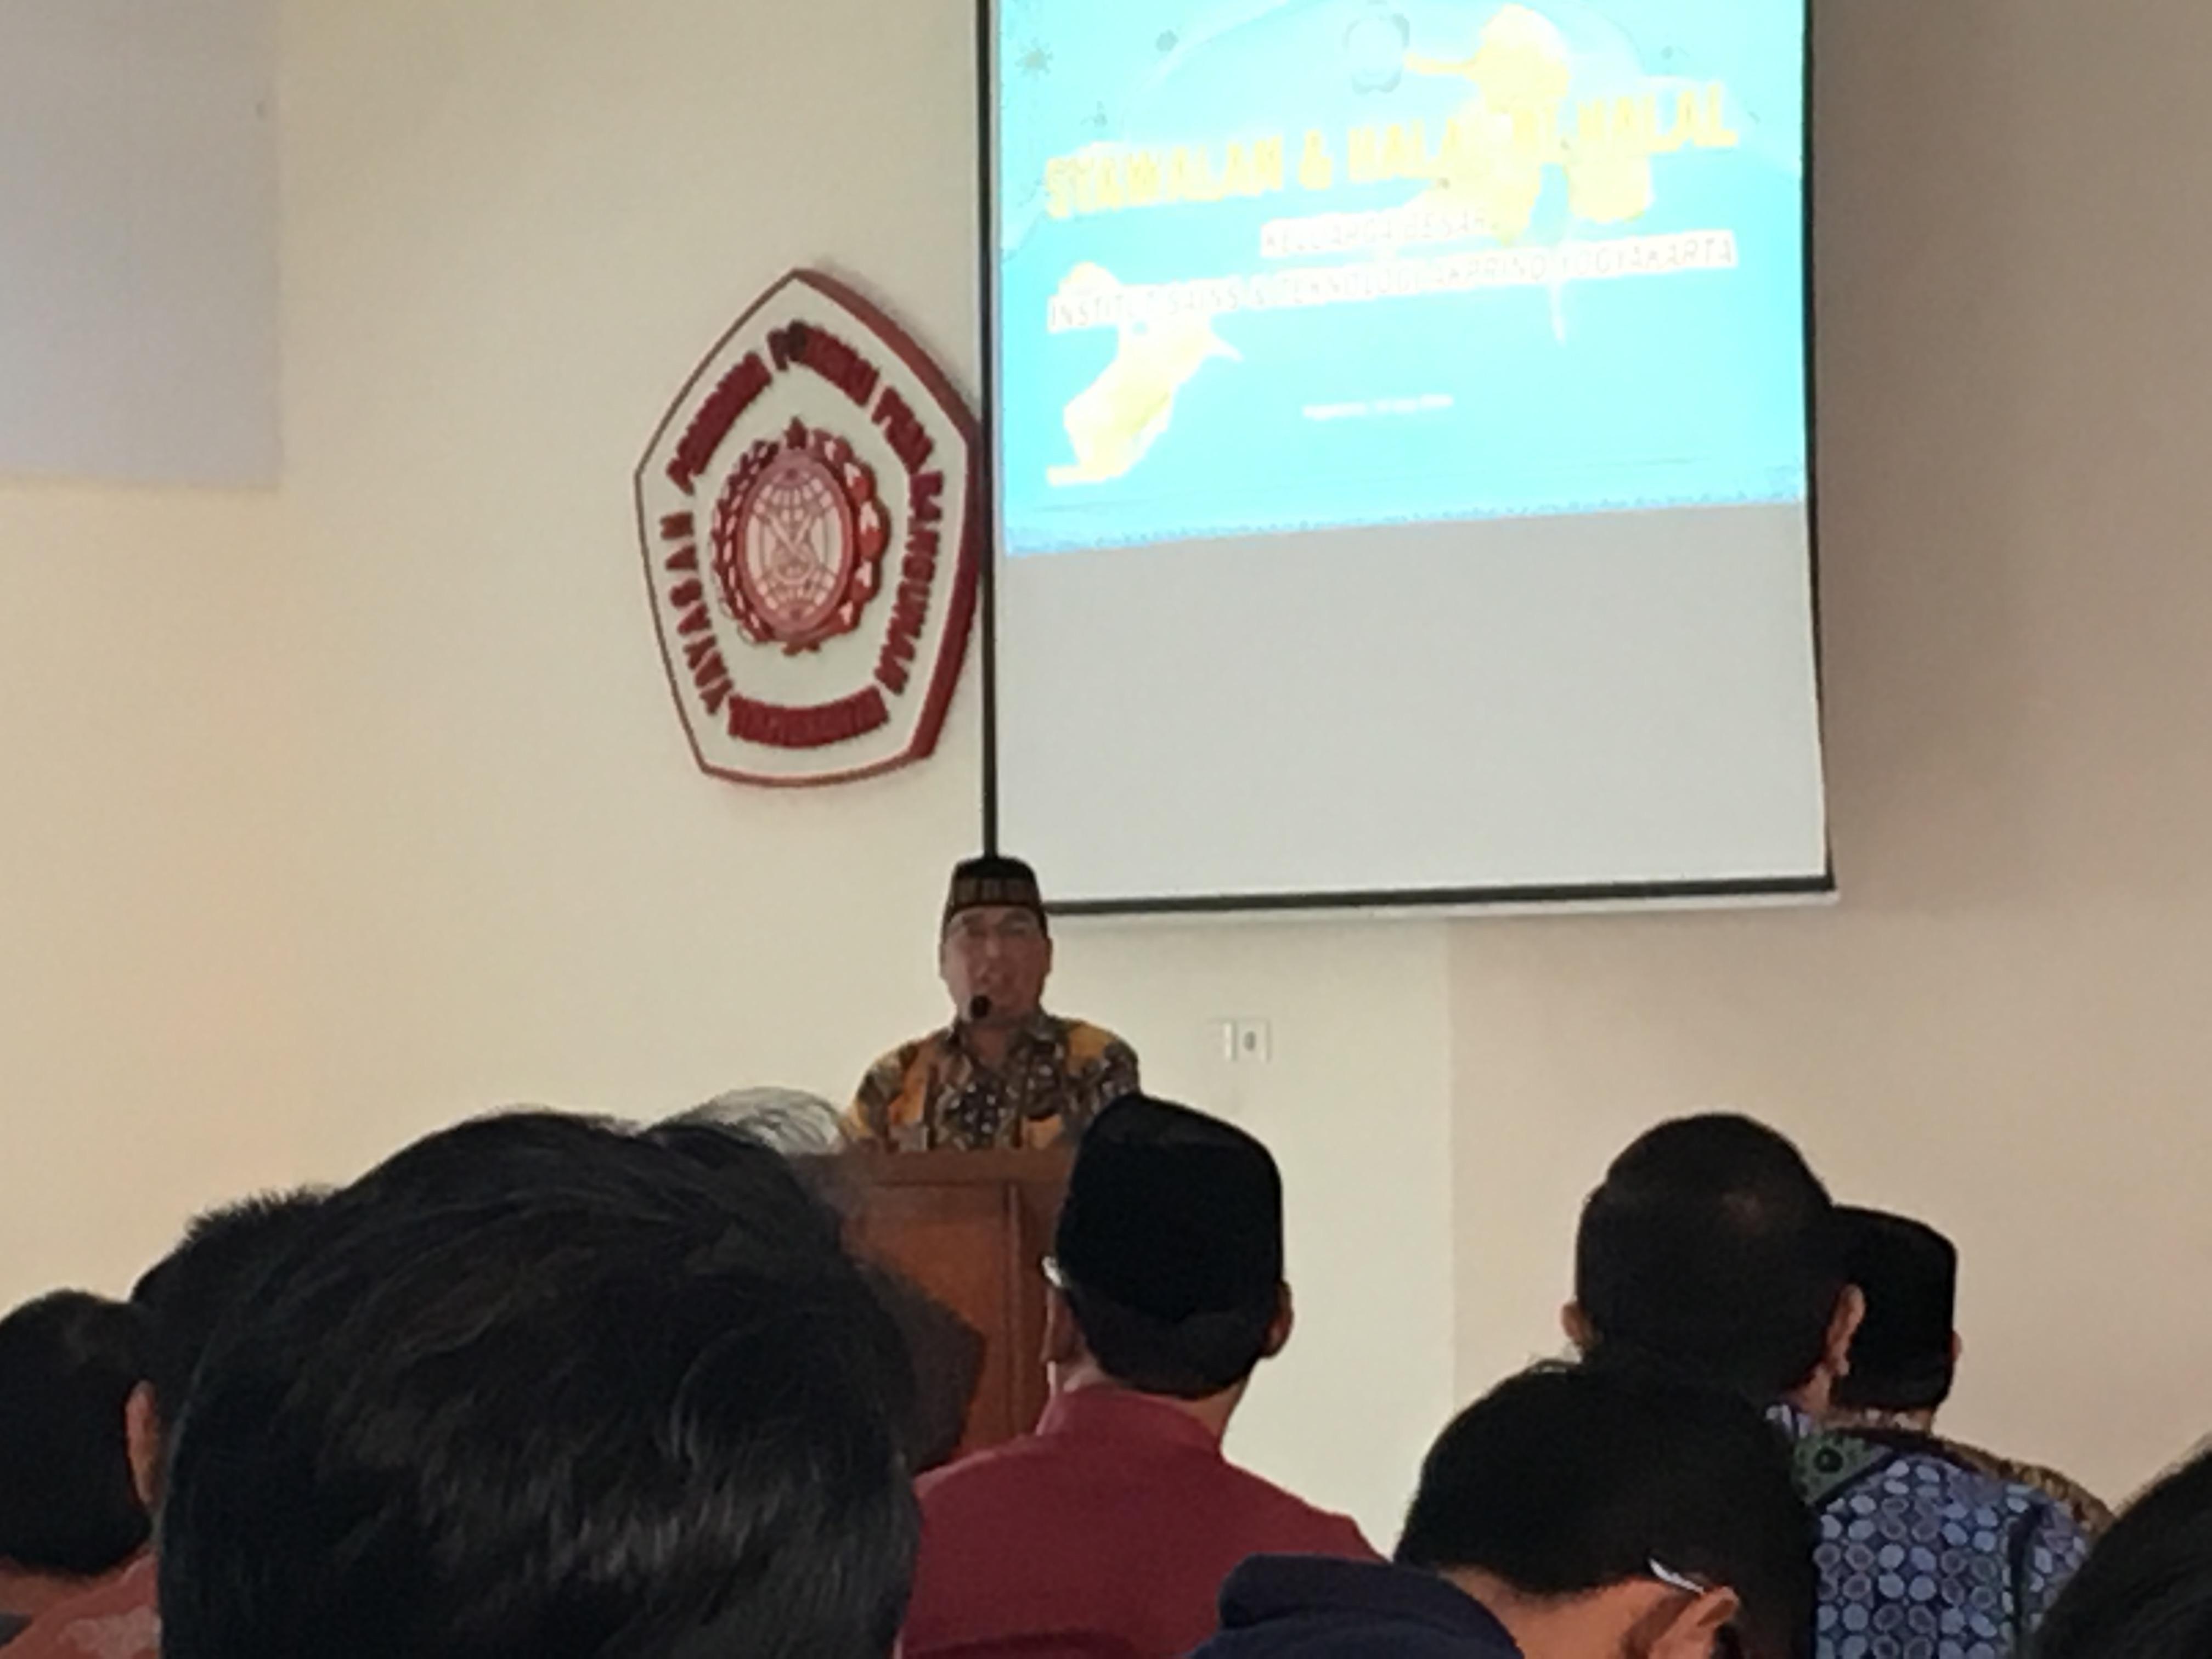 Bapak Ustadz drh. H. Agung Budiyanto, MP, Ph.D (Wakil Dekan 1 & Dosen Pasca Sarjana Fakultas Kedokteran Hewan UGM).